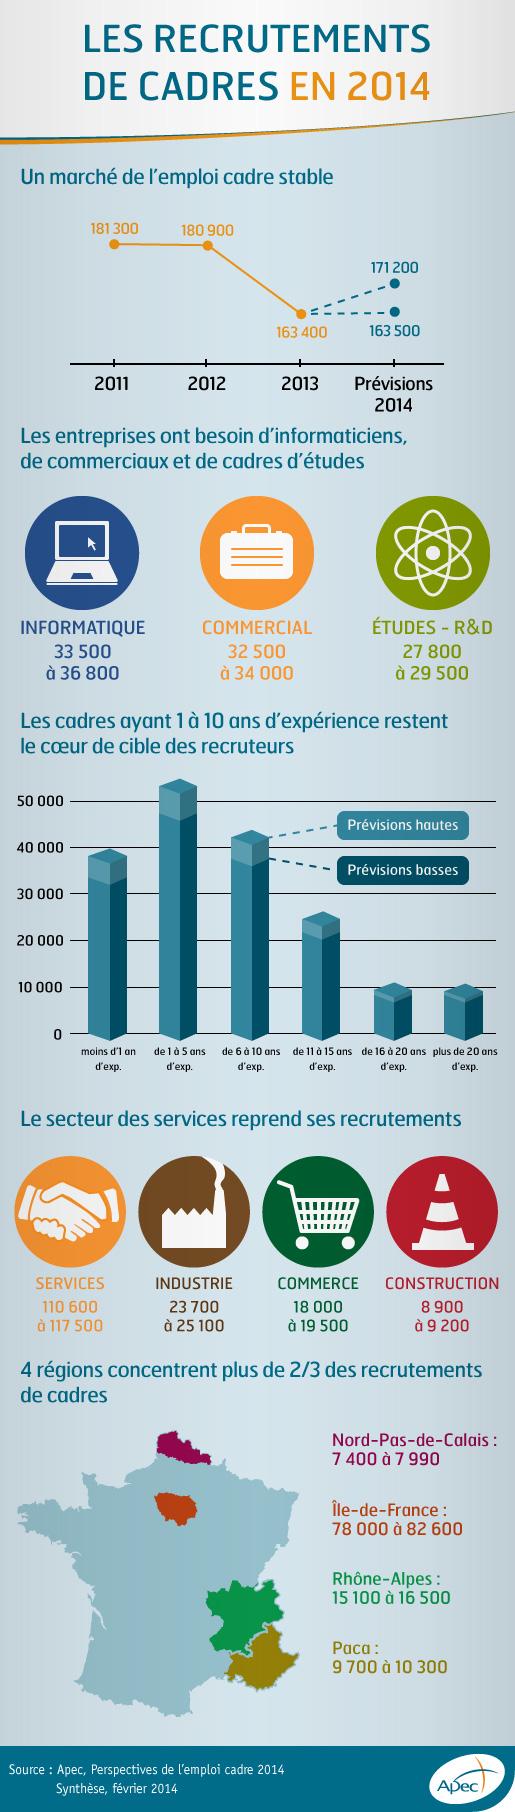 Emploi des cadres en 2014 :  plutôt jeune, parisien, informaticien ou commercial !